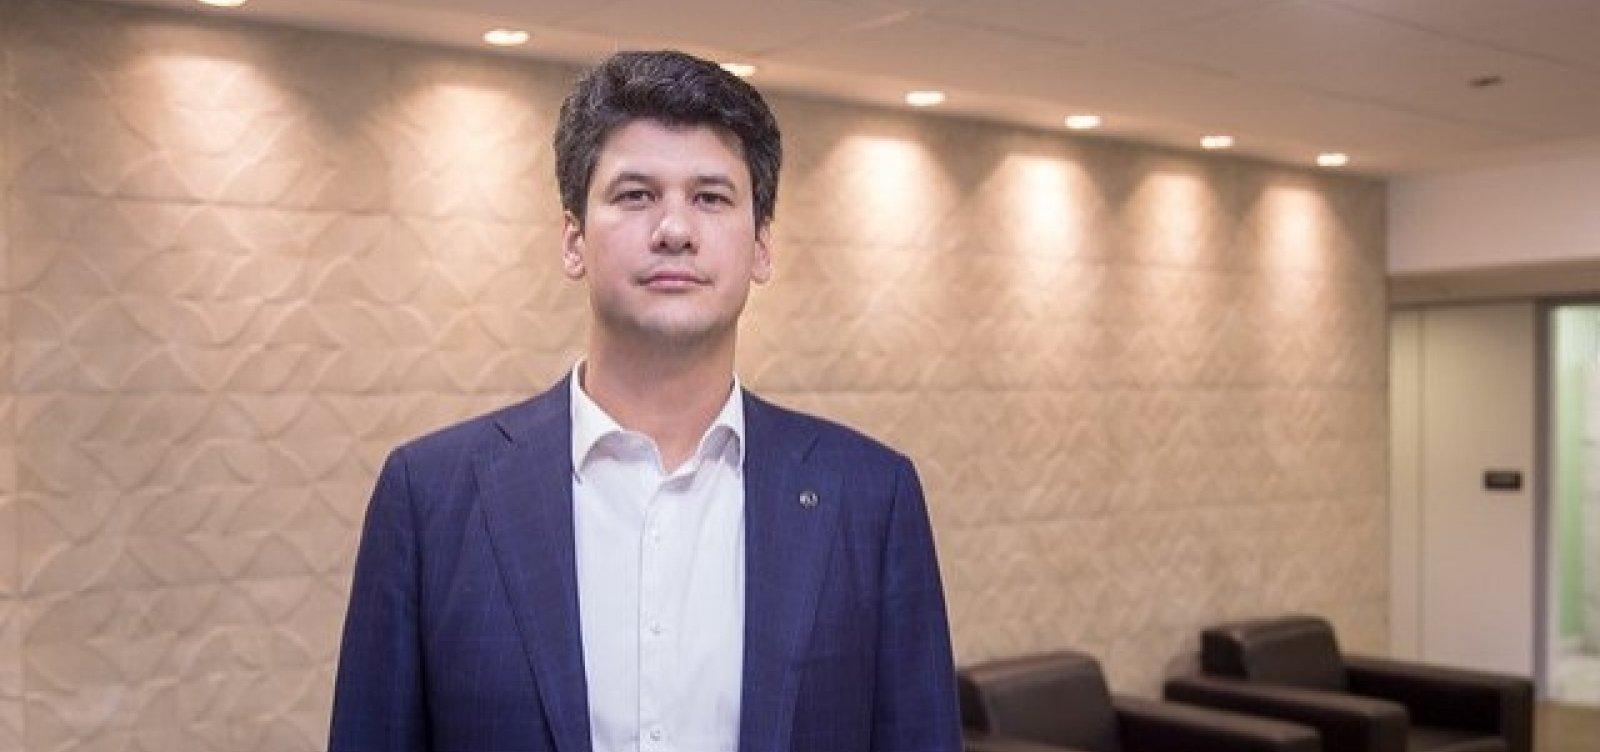 [Justiça já condenou novo presidente do BNDES por arrombar portões de condomínio]